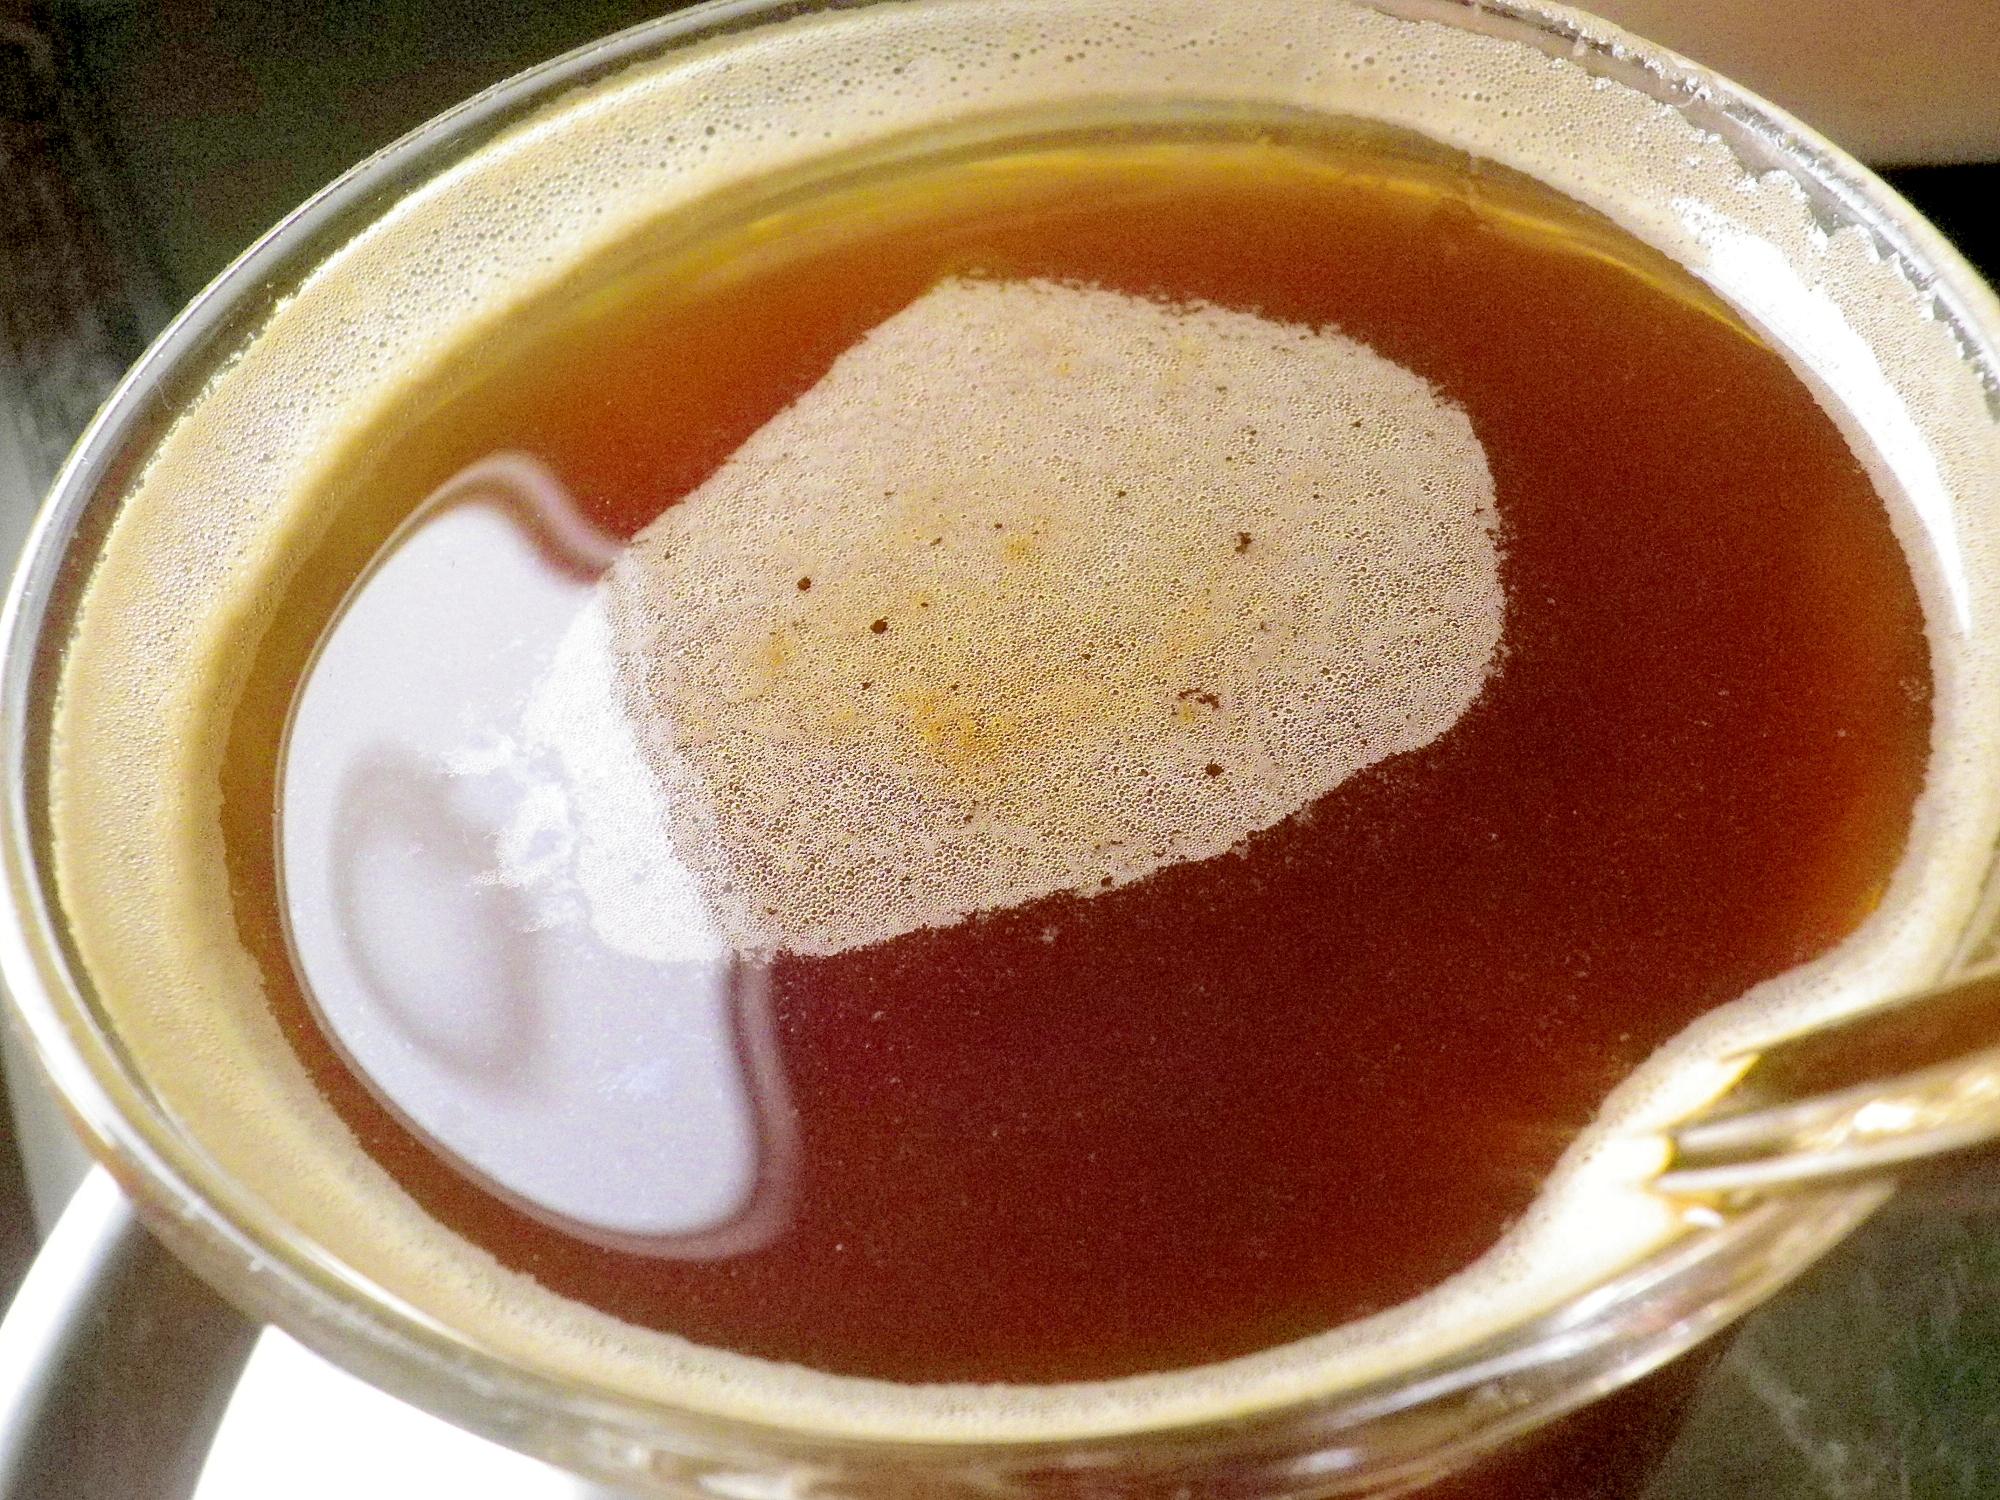 きな粉のほっとコーヒーゼリー(節分豆)